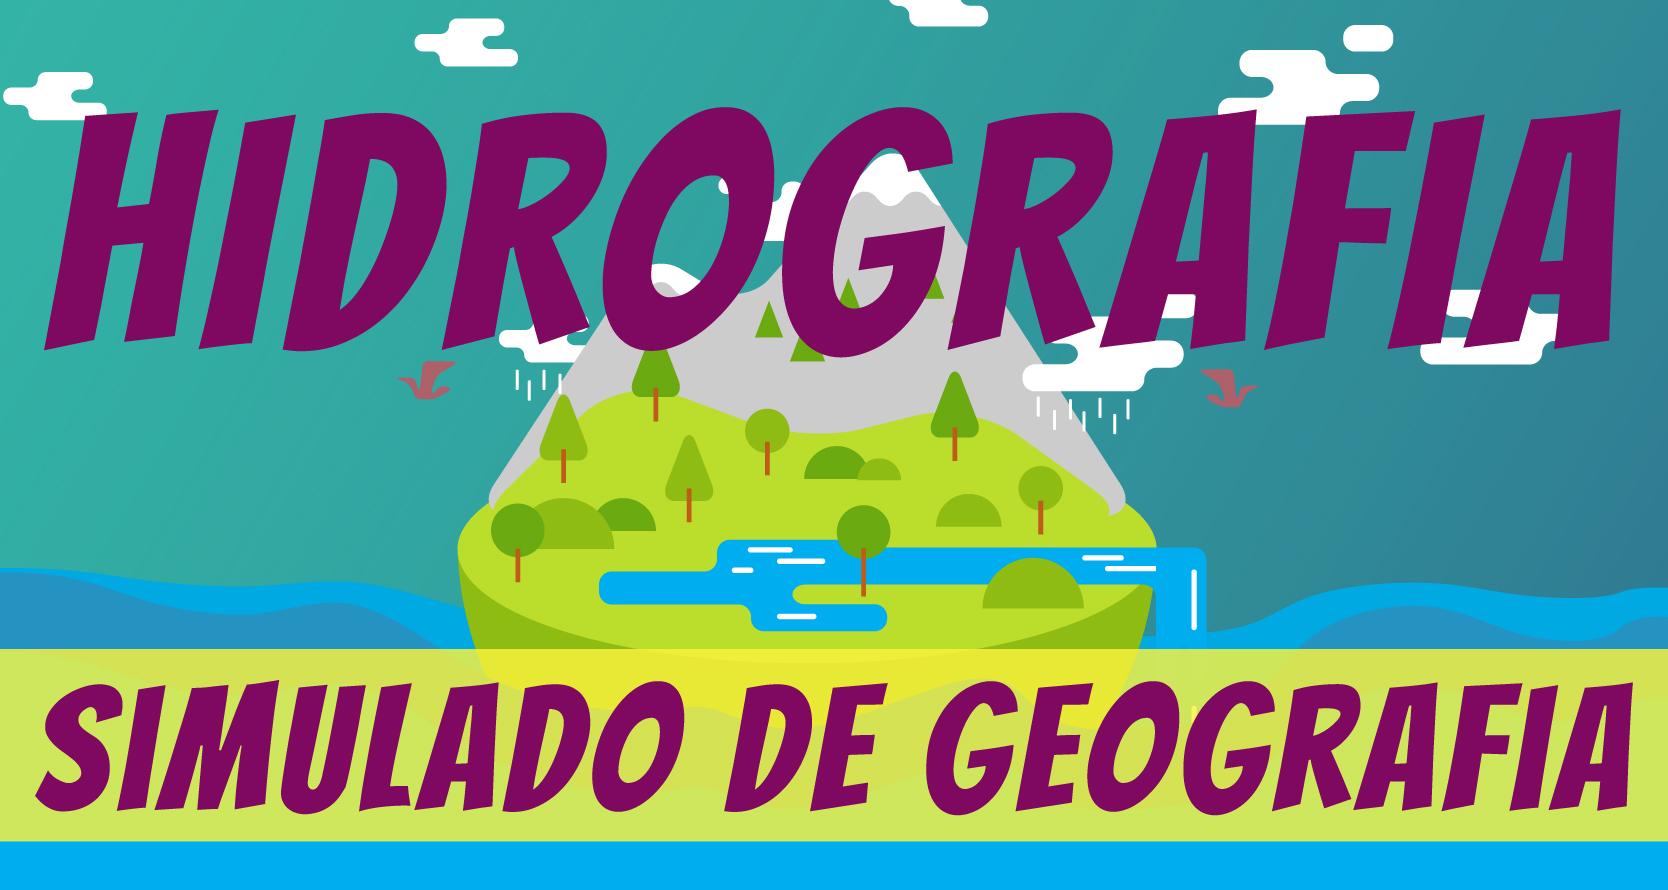 Simulado de Hidrografia de Geografia